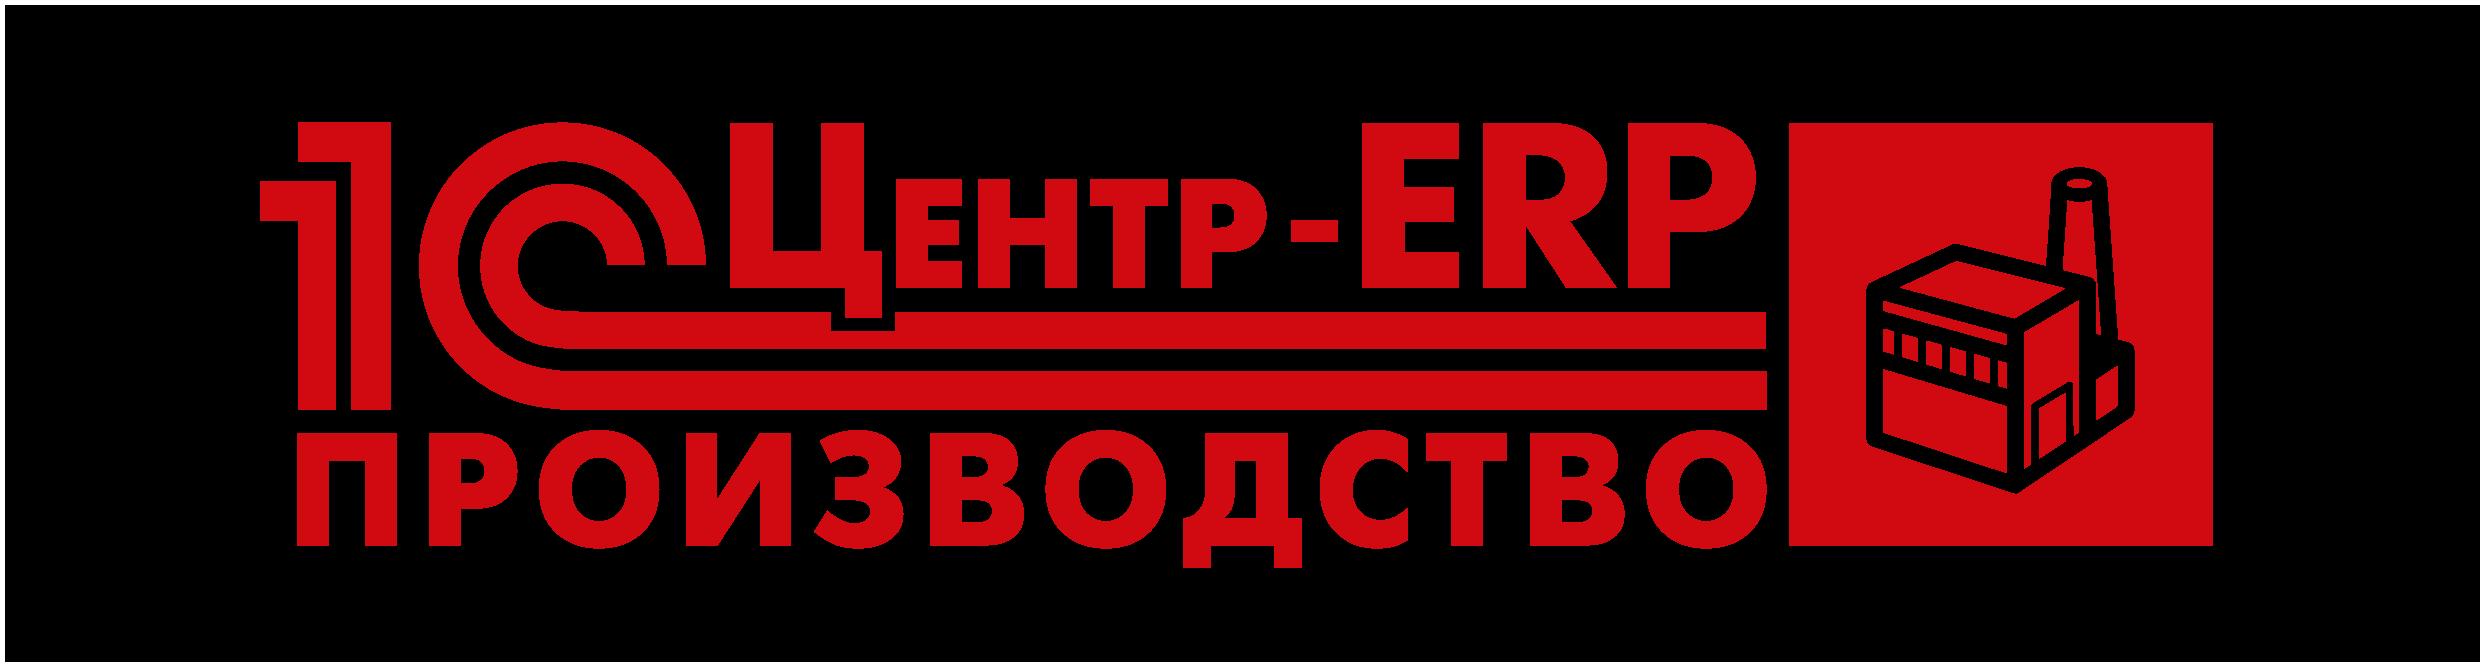 Центр ERP по производству